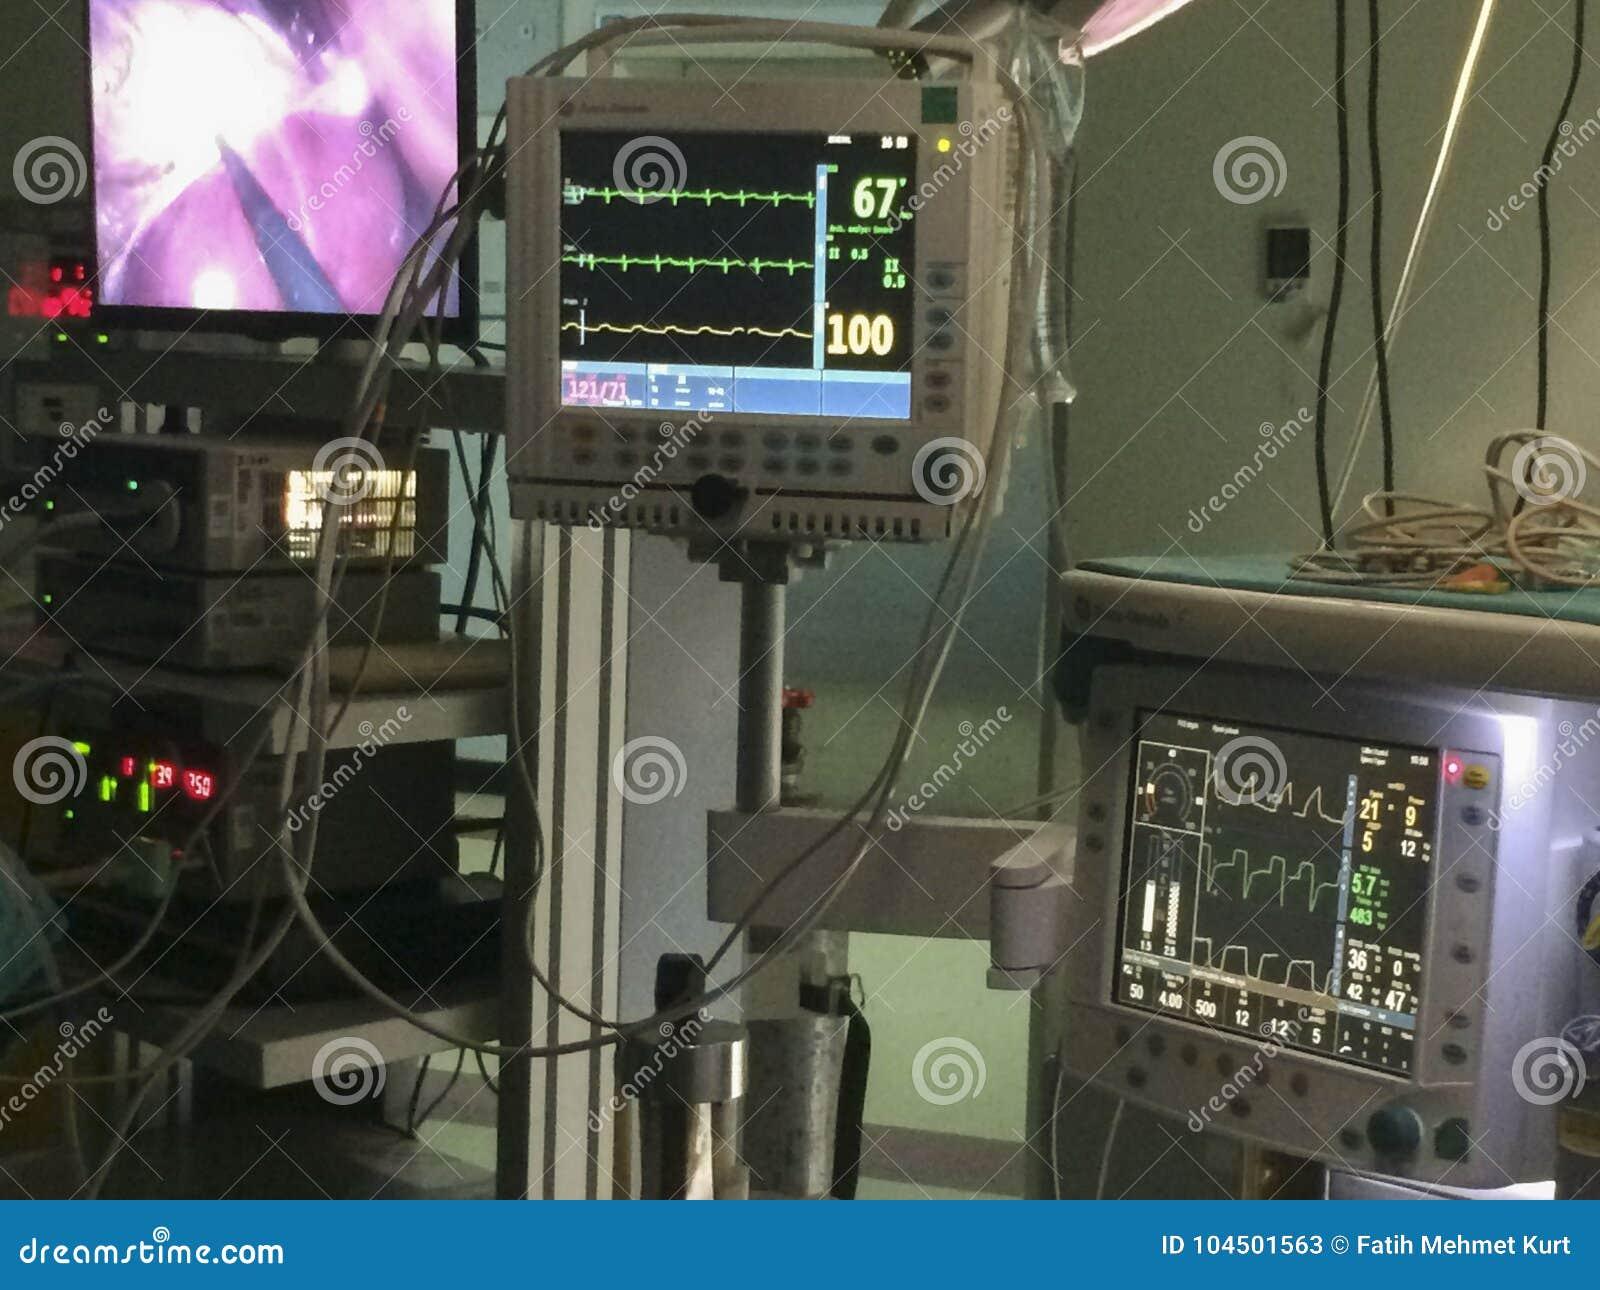 Όργανο ελέγχου Ekg και μηχανή αναισθησίας στο δωμάτιο λειτουργίας